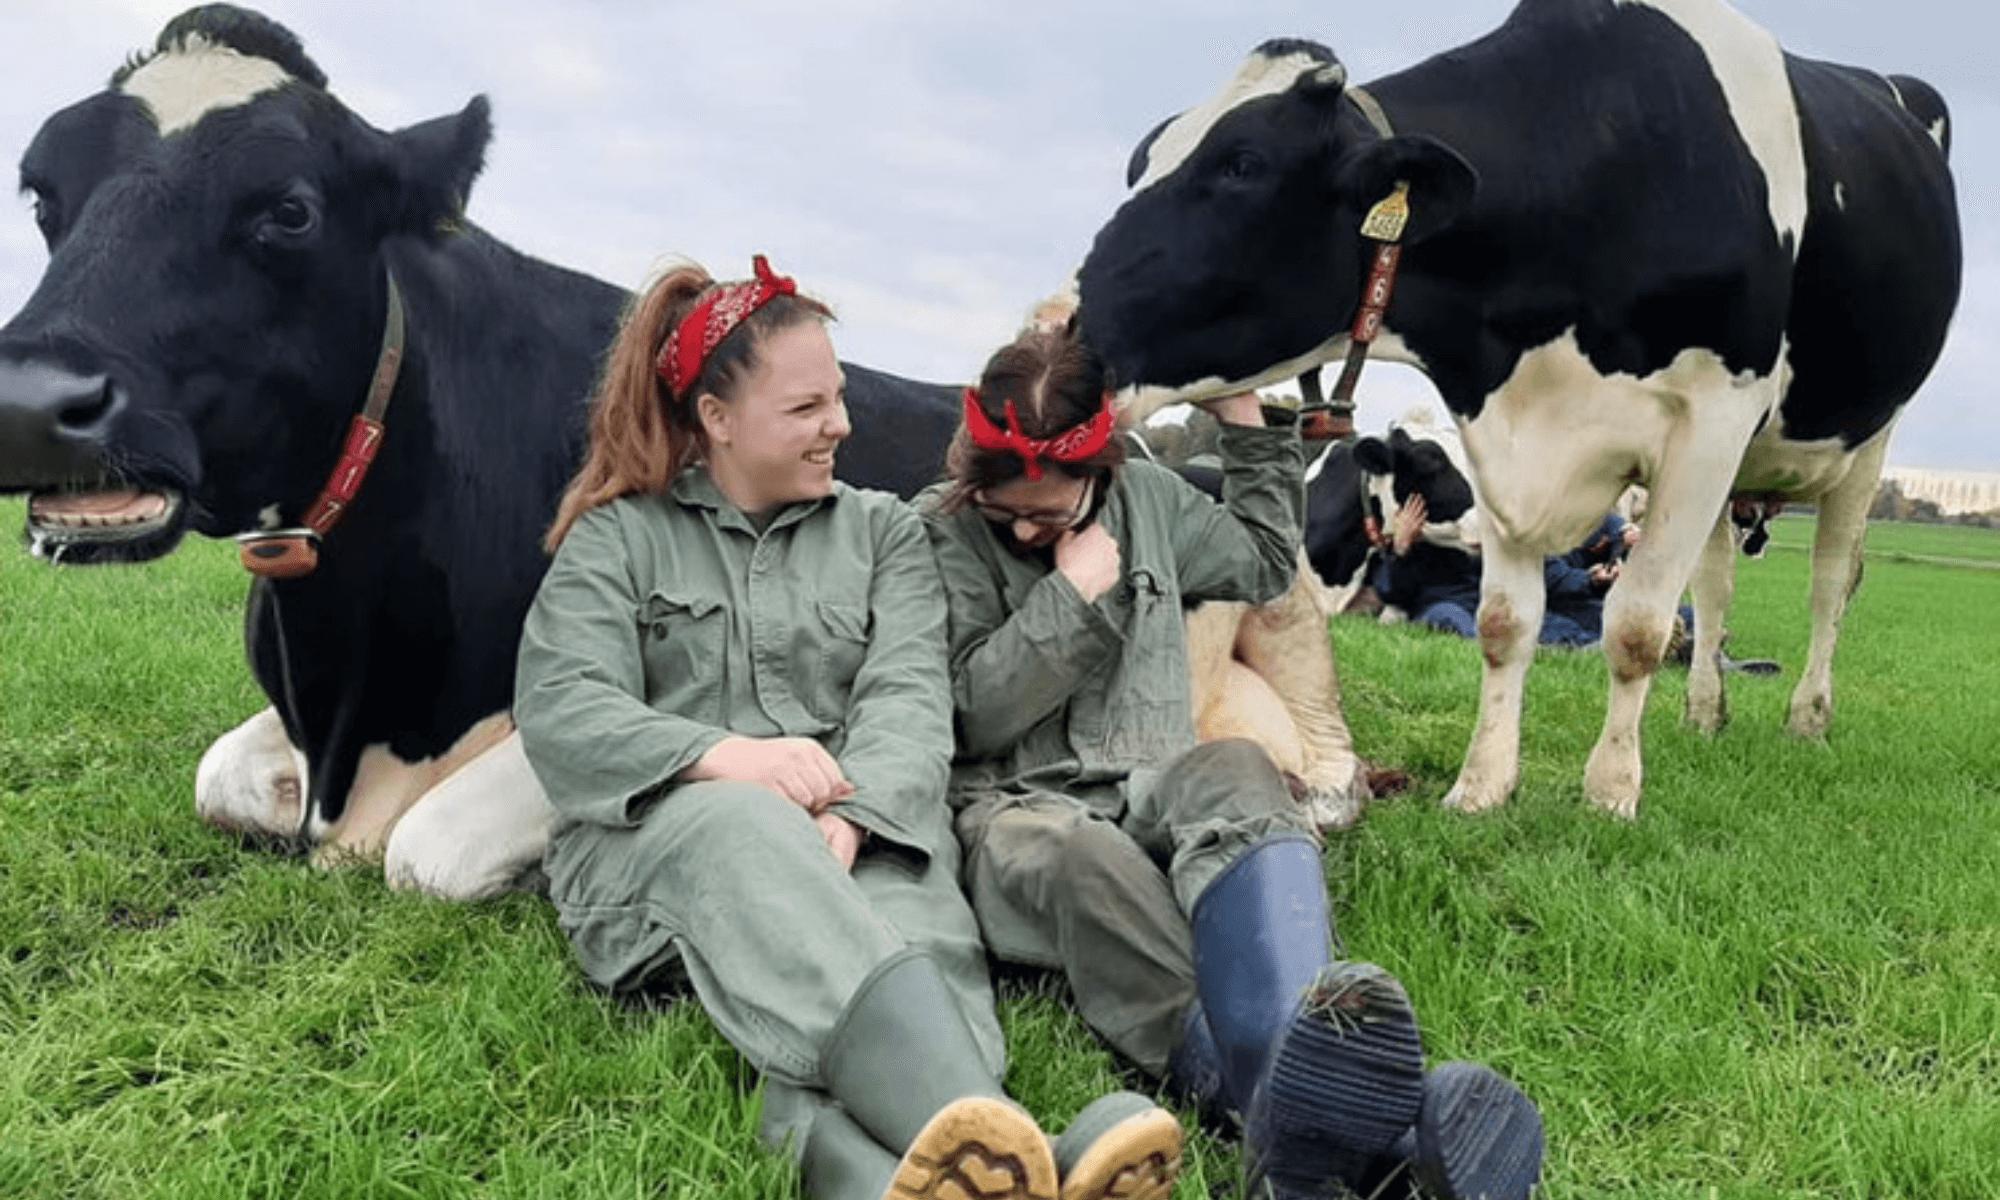 tendencia holandesa de acariciar vacas que ayuda a liberar oxitocina (1)